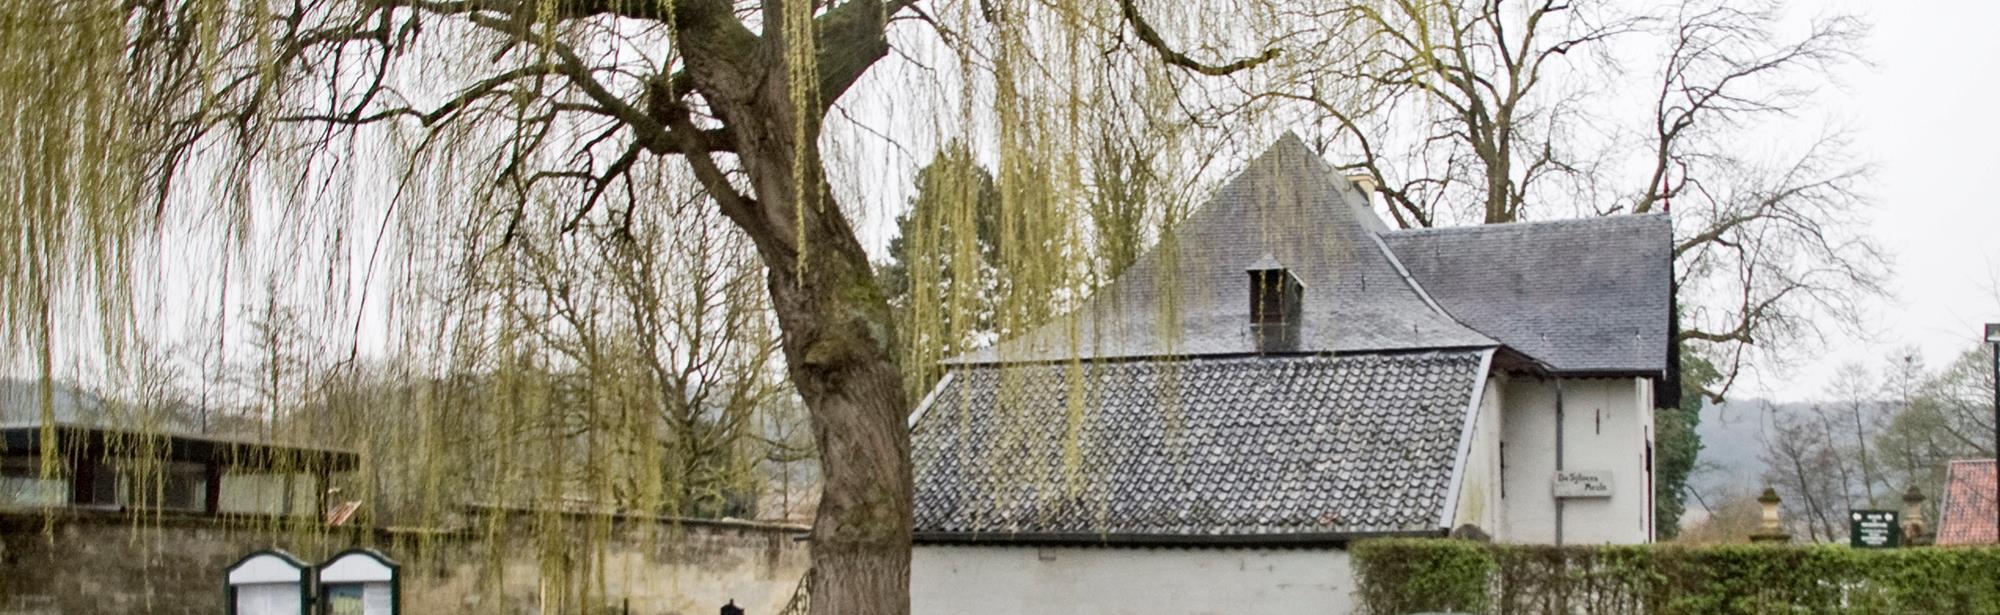 Watermolen Schaloen (Sjloens meule)